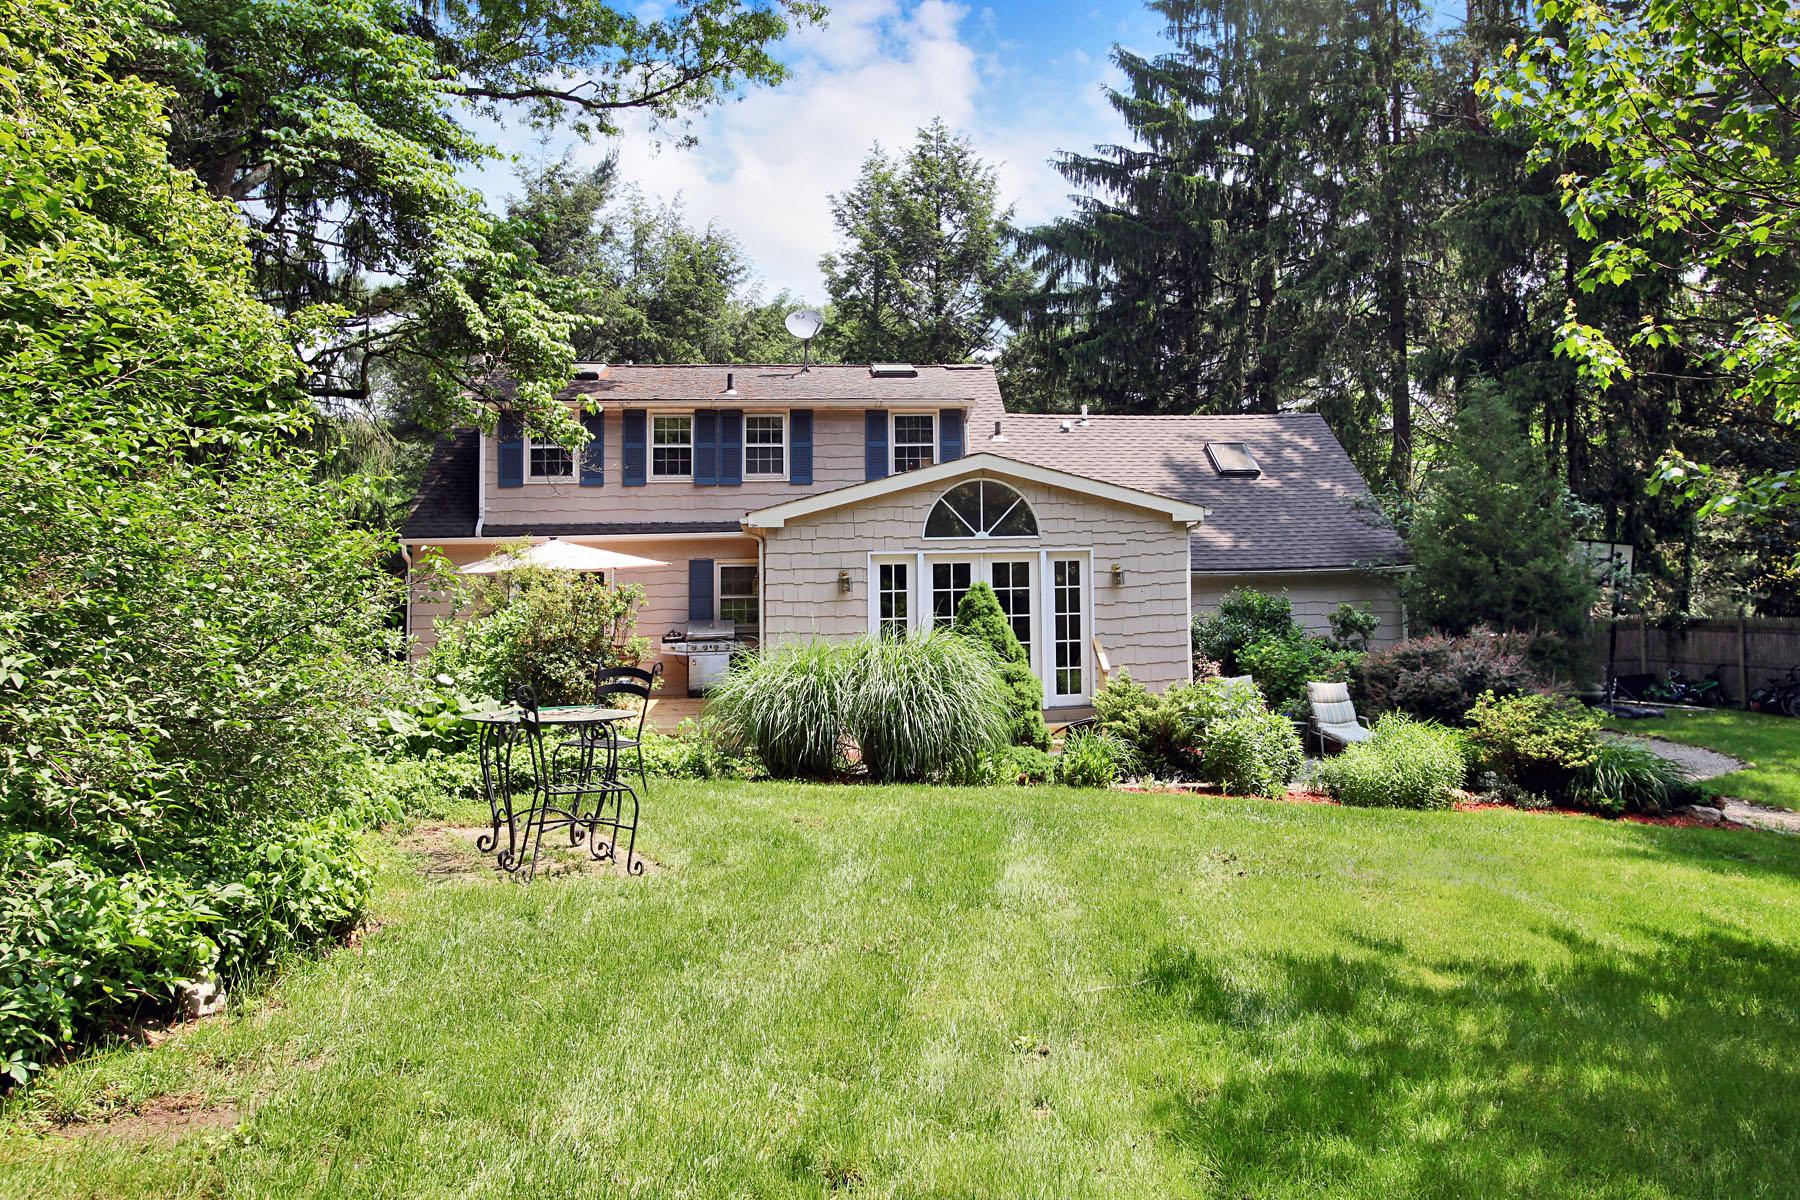 独户住宅 为 销售 在 361 Wilton Road 韦斯特波特, 康涅狄格州, 06880 美国